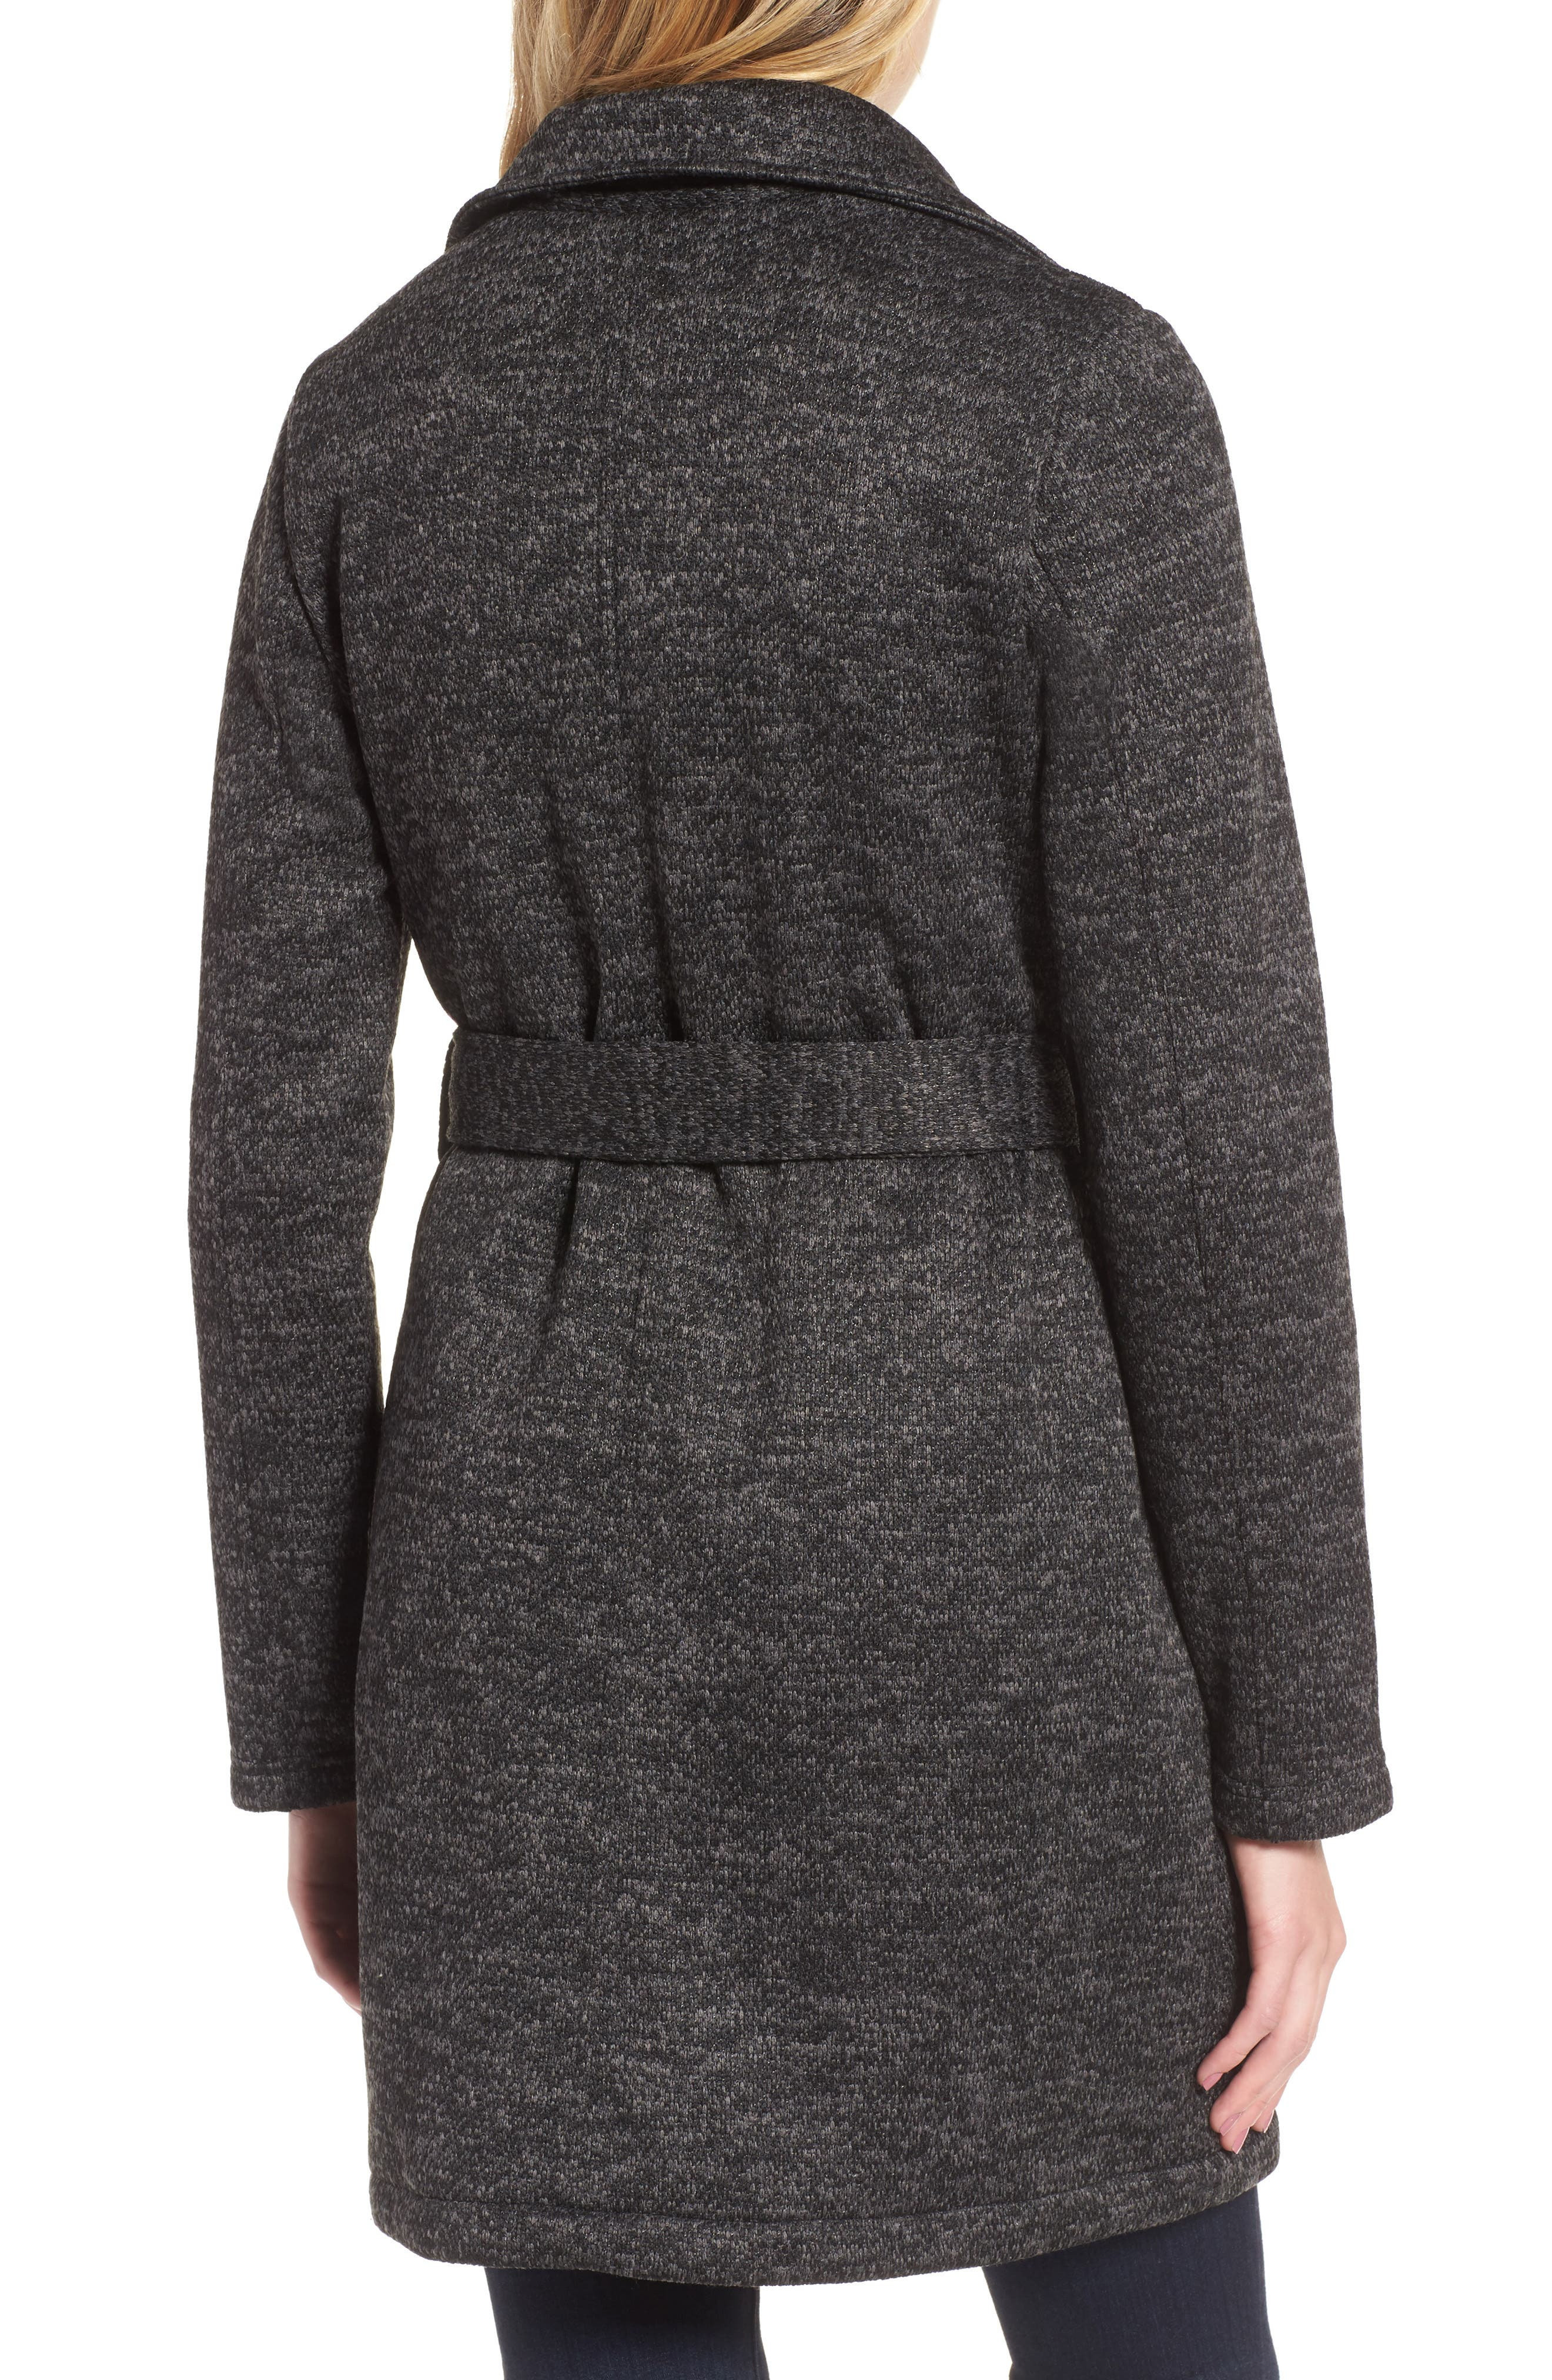 Belted Fleece Jacket,                             Alternate thumbnail 2, color,                             021